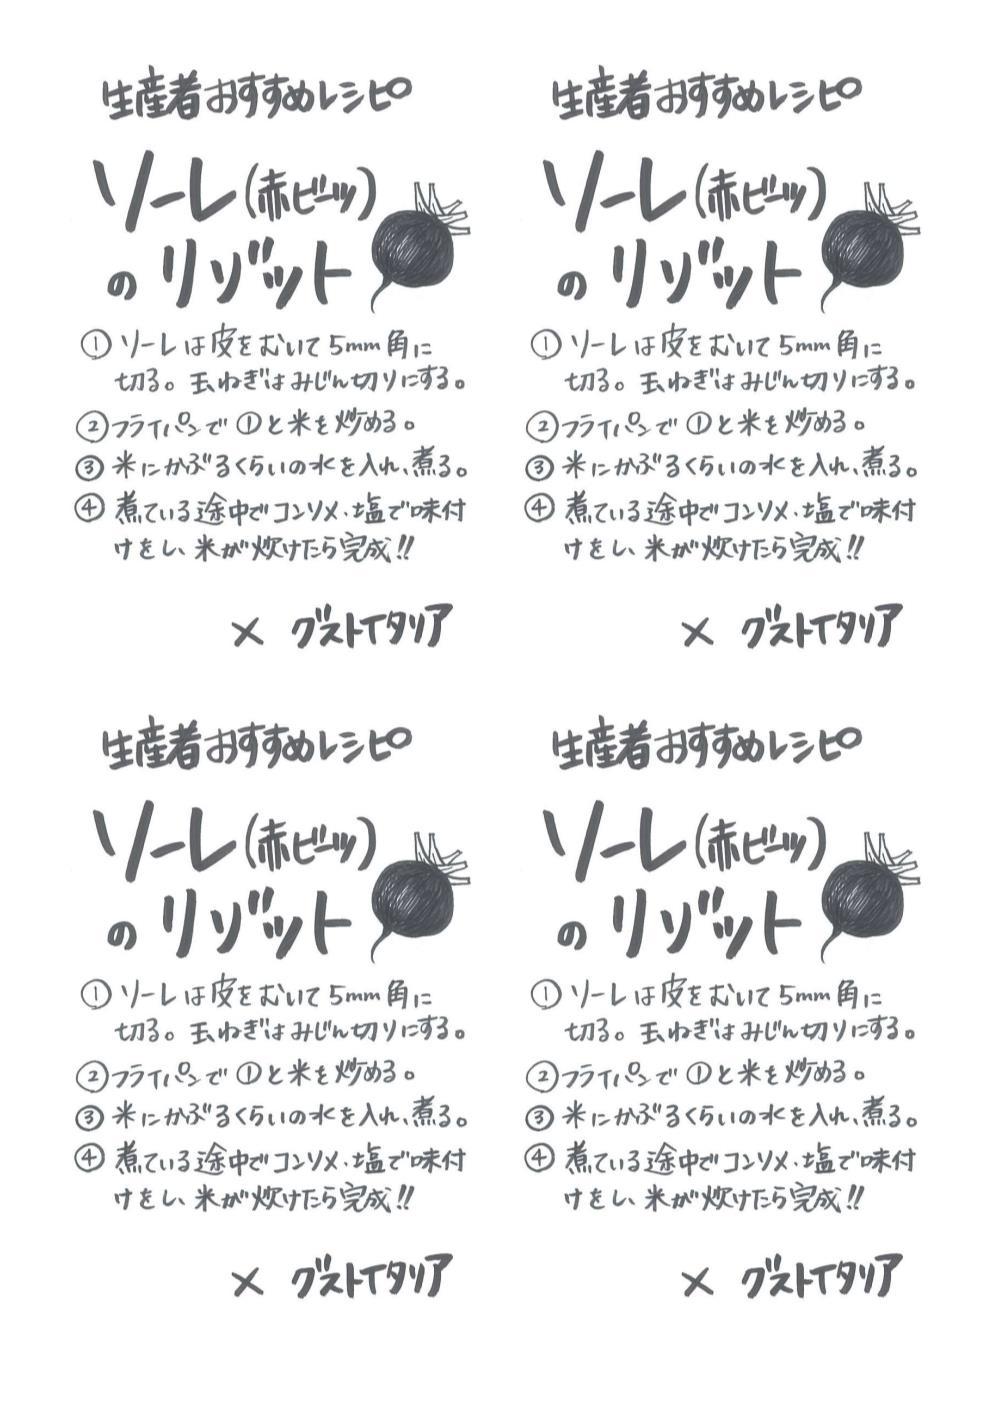 ソーレのリゾット手書きレシピ